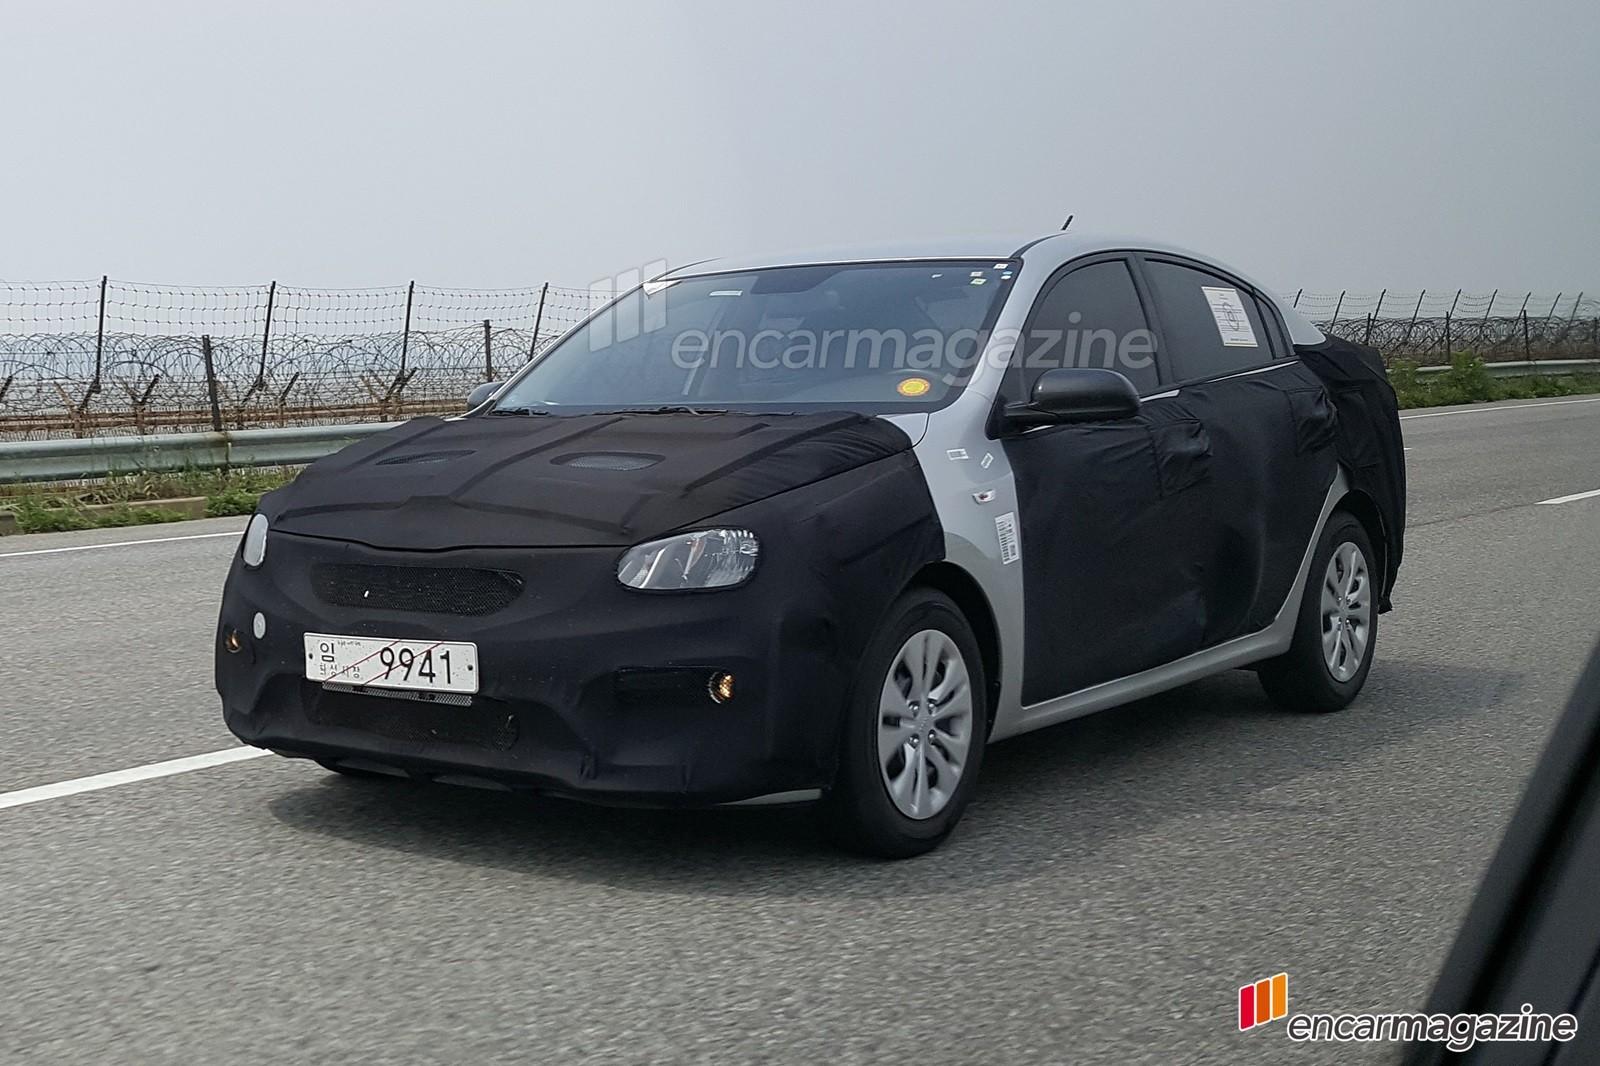 2017 Kia Rio Sedan Rendered, Has Been Spied Testing in Korea